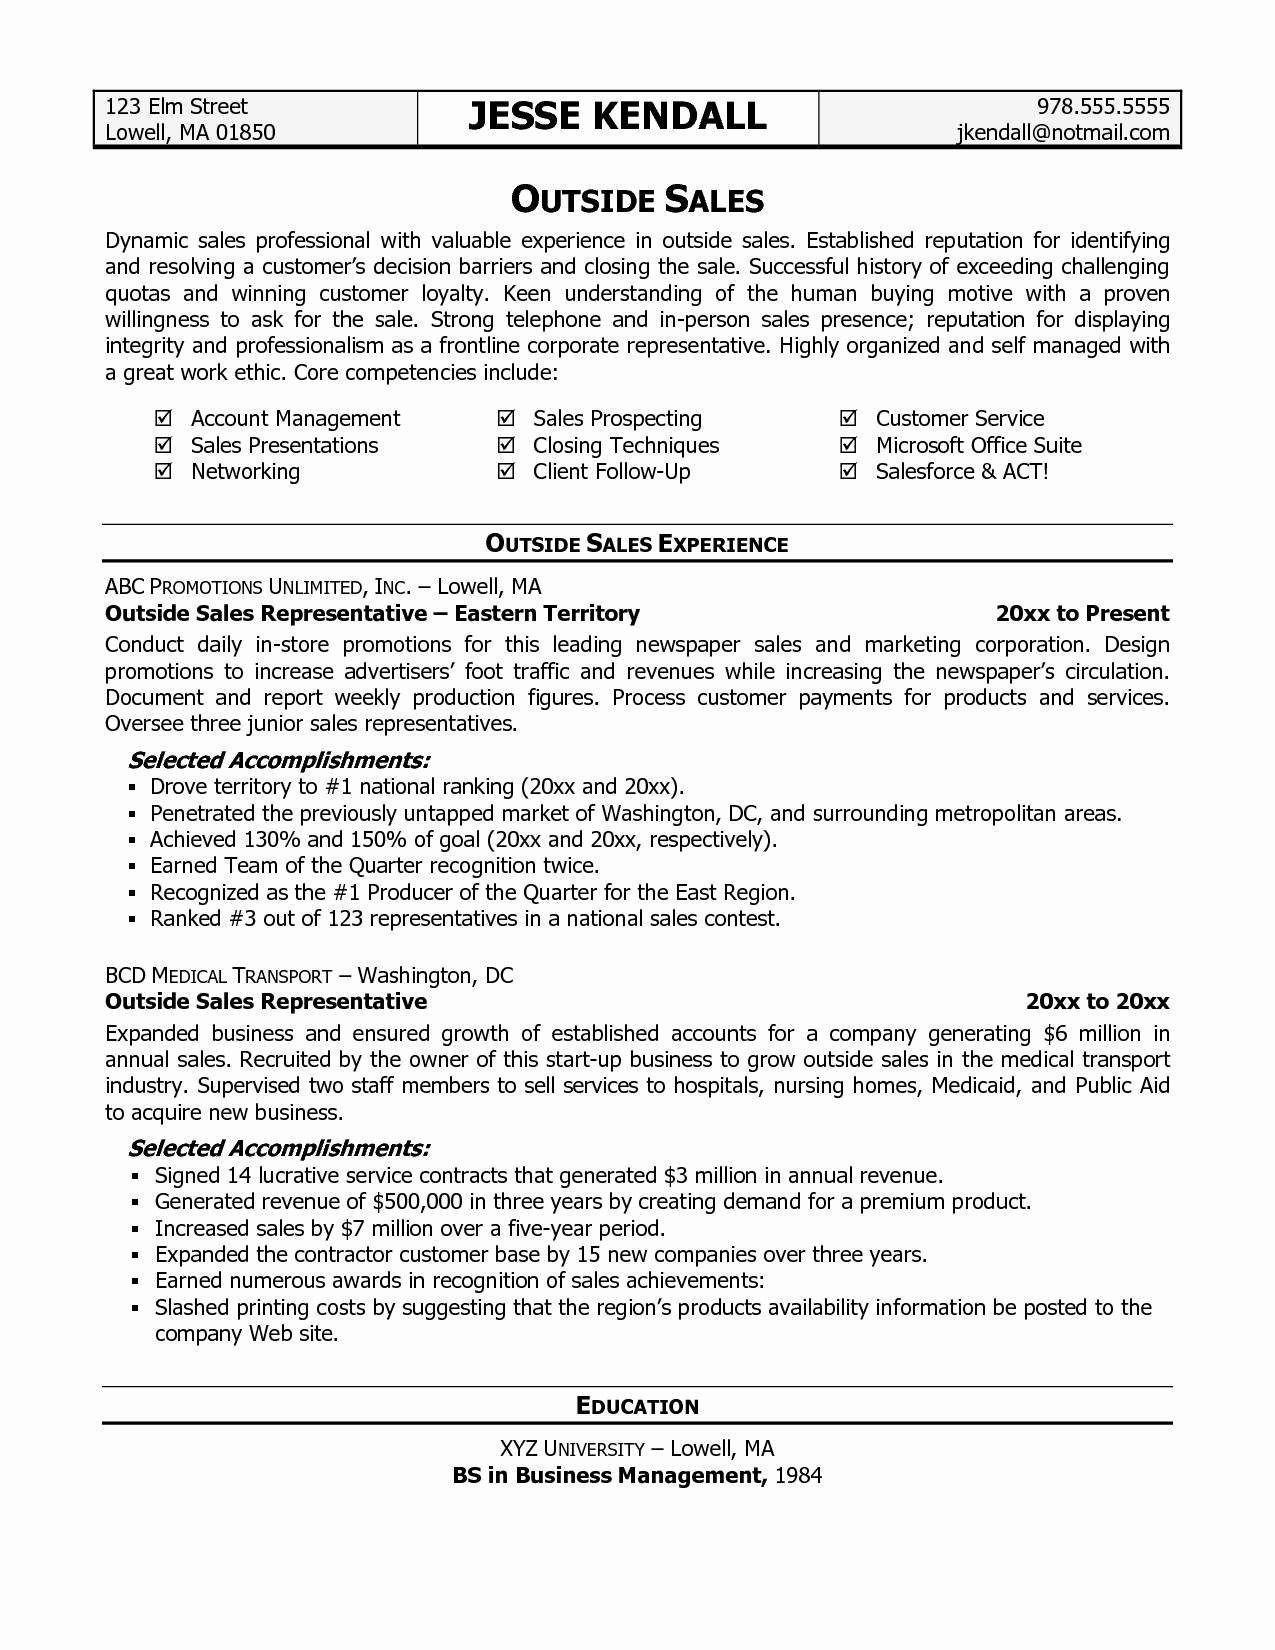 Pharmaceutical sales rep resume incredible 12 13